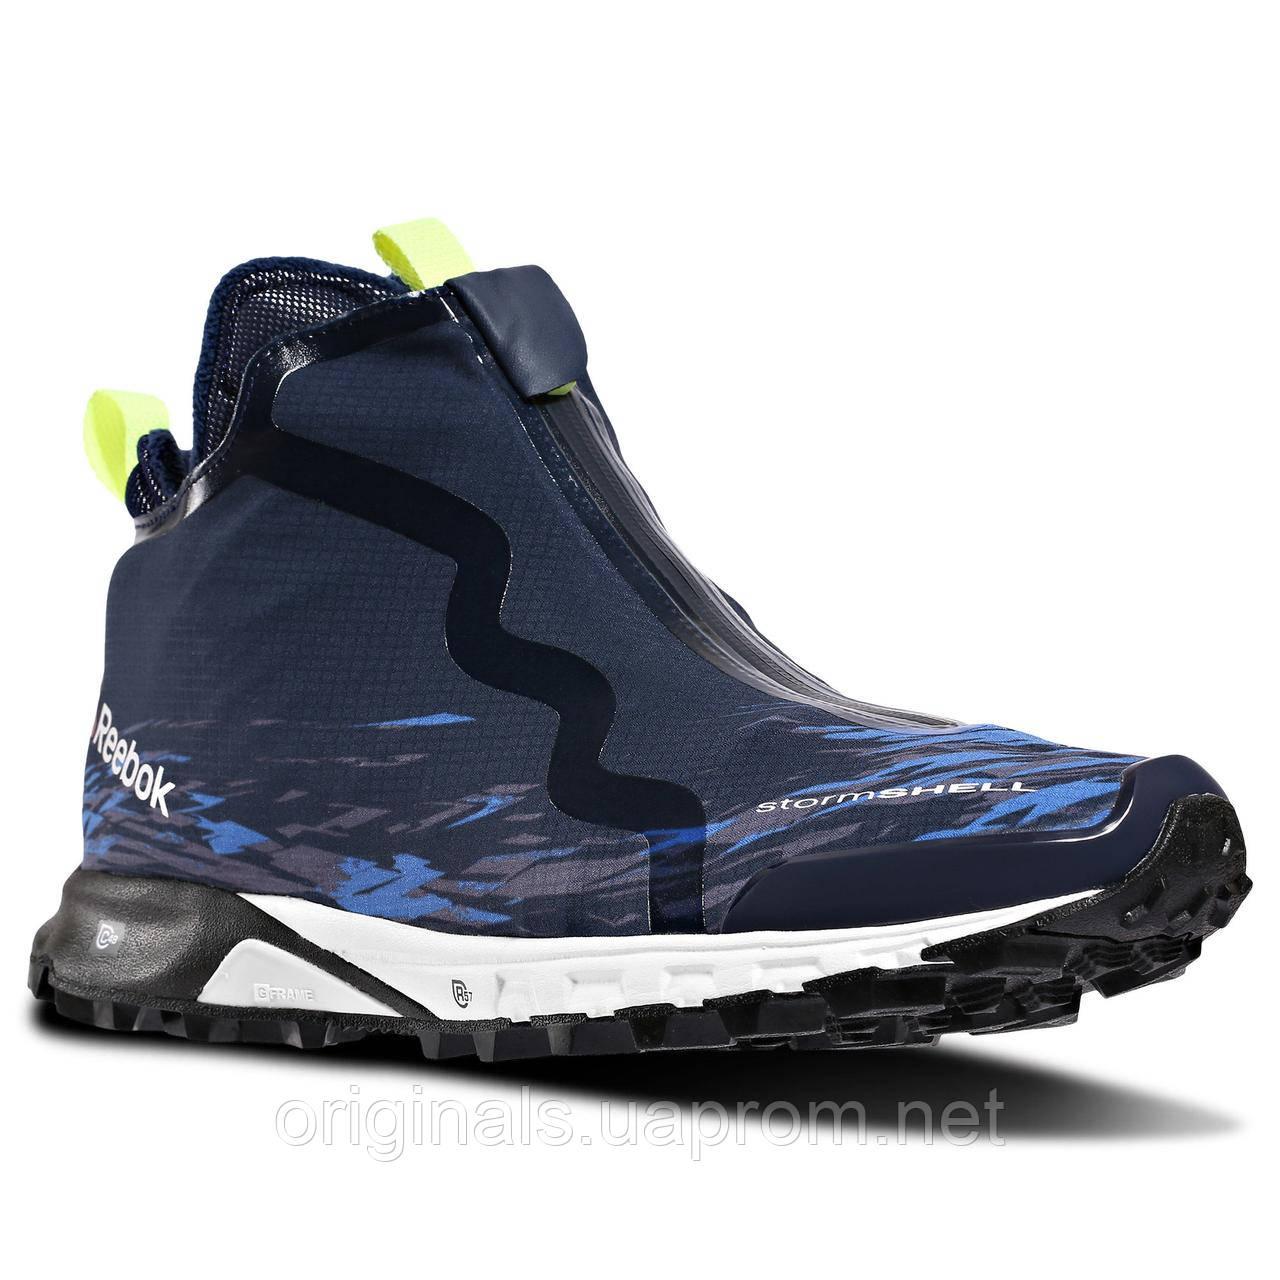 Високі кросівки Reebok Warm & Tough Chill Mid CN1845